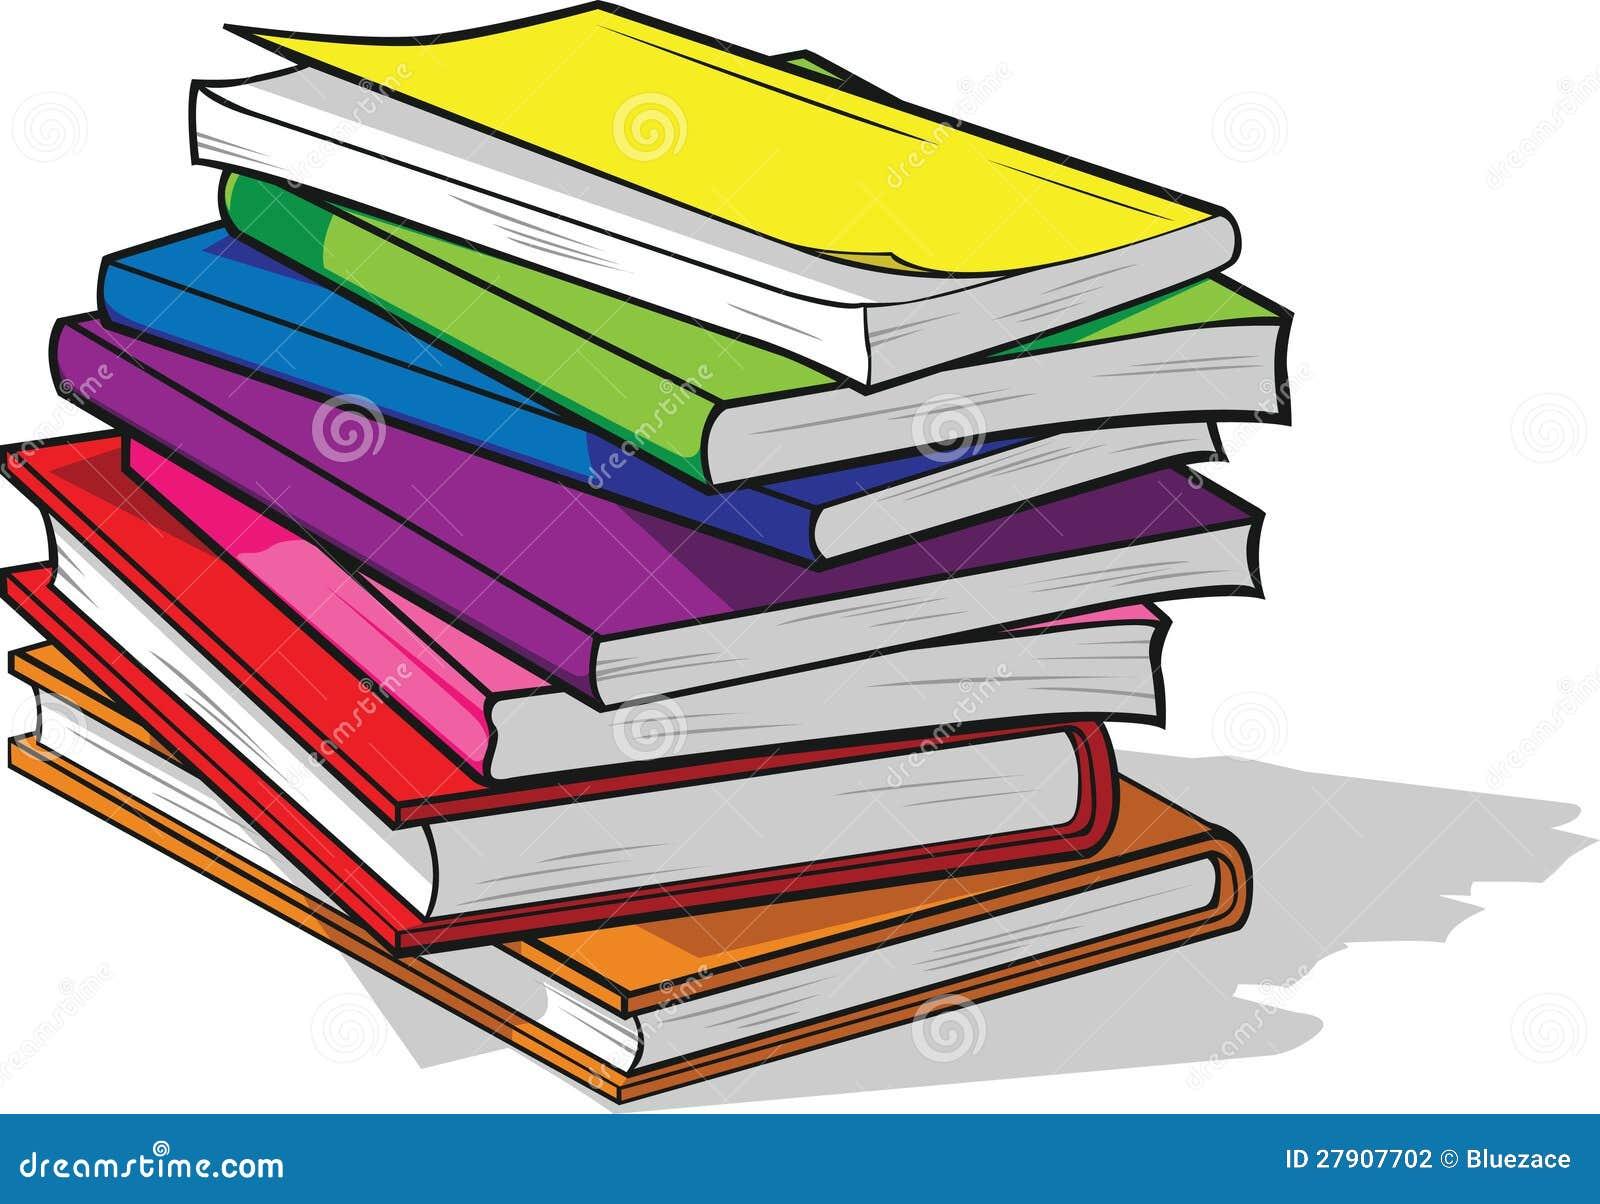 Pila de libros coloridos ilustración del vector. Ilustración de ...